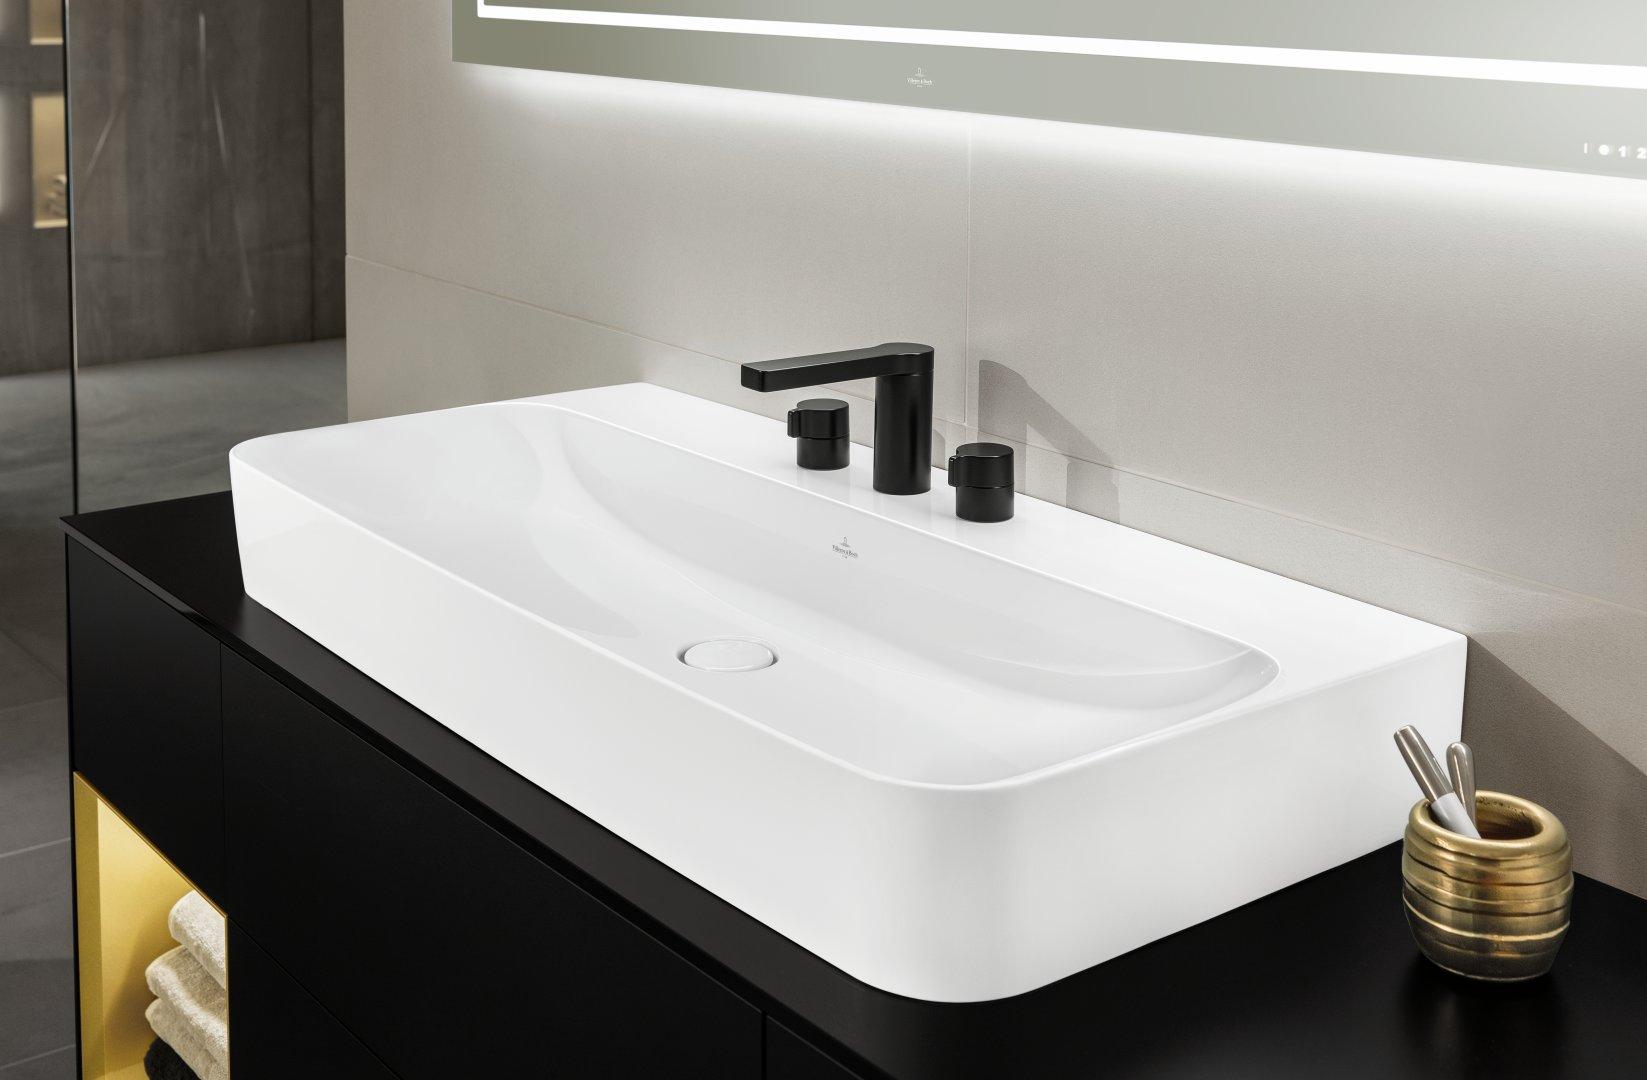 Käepidemeteta vannitoamööbel